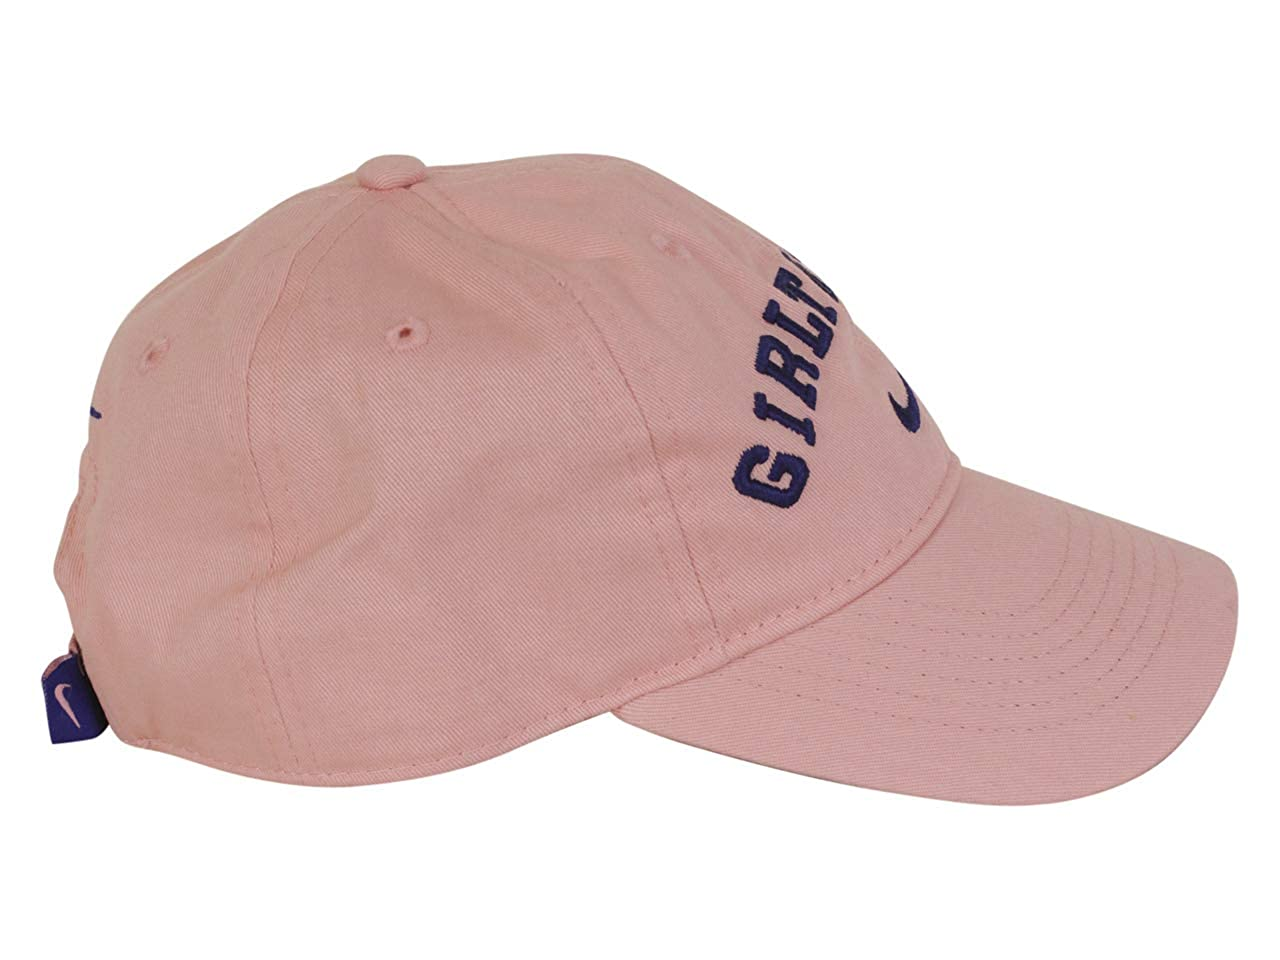 Youth Size 4-7 Nike Unisex Baseball Cap